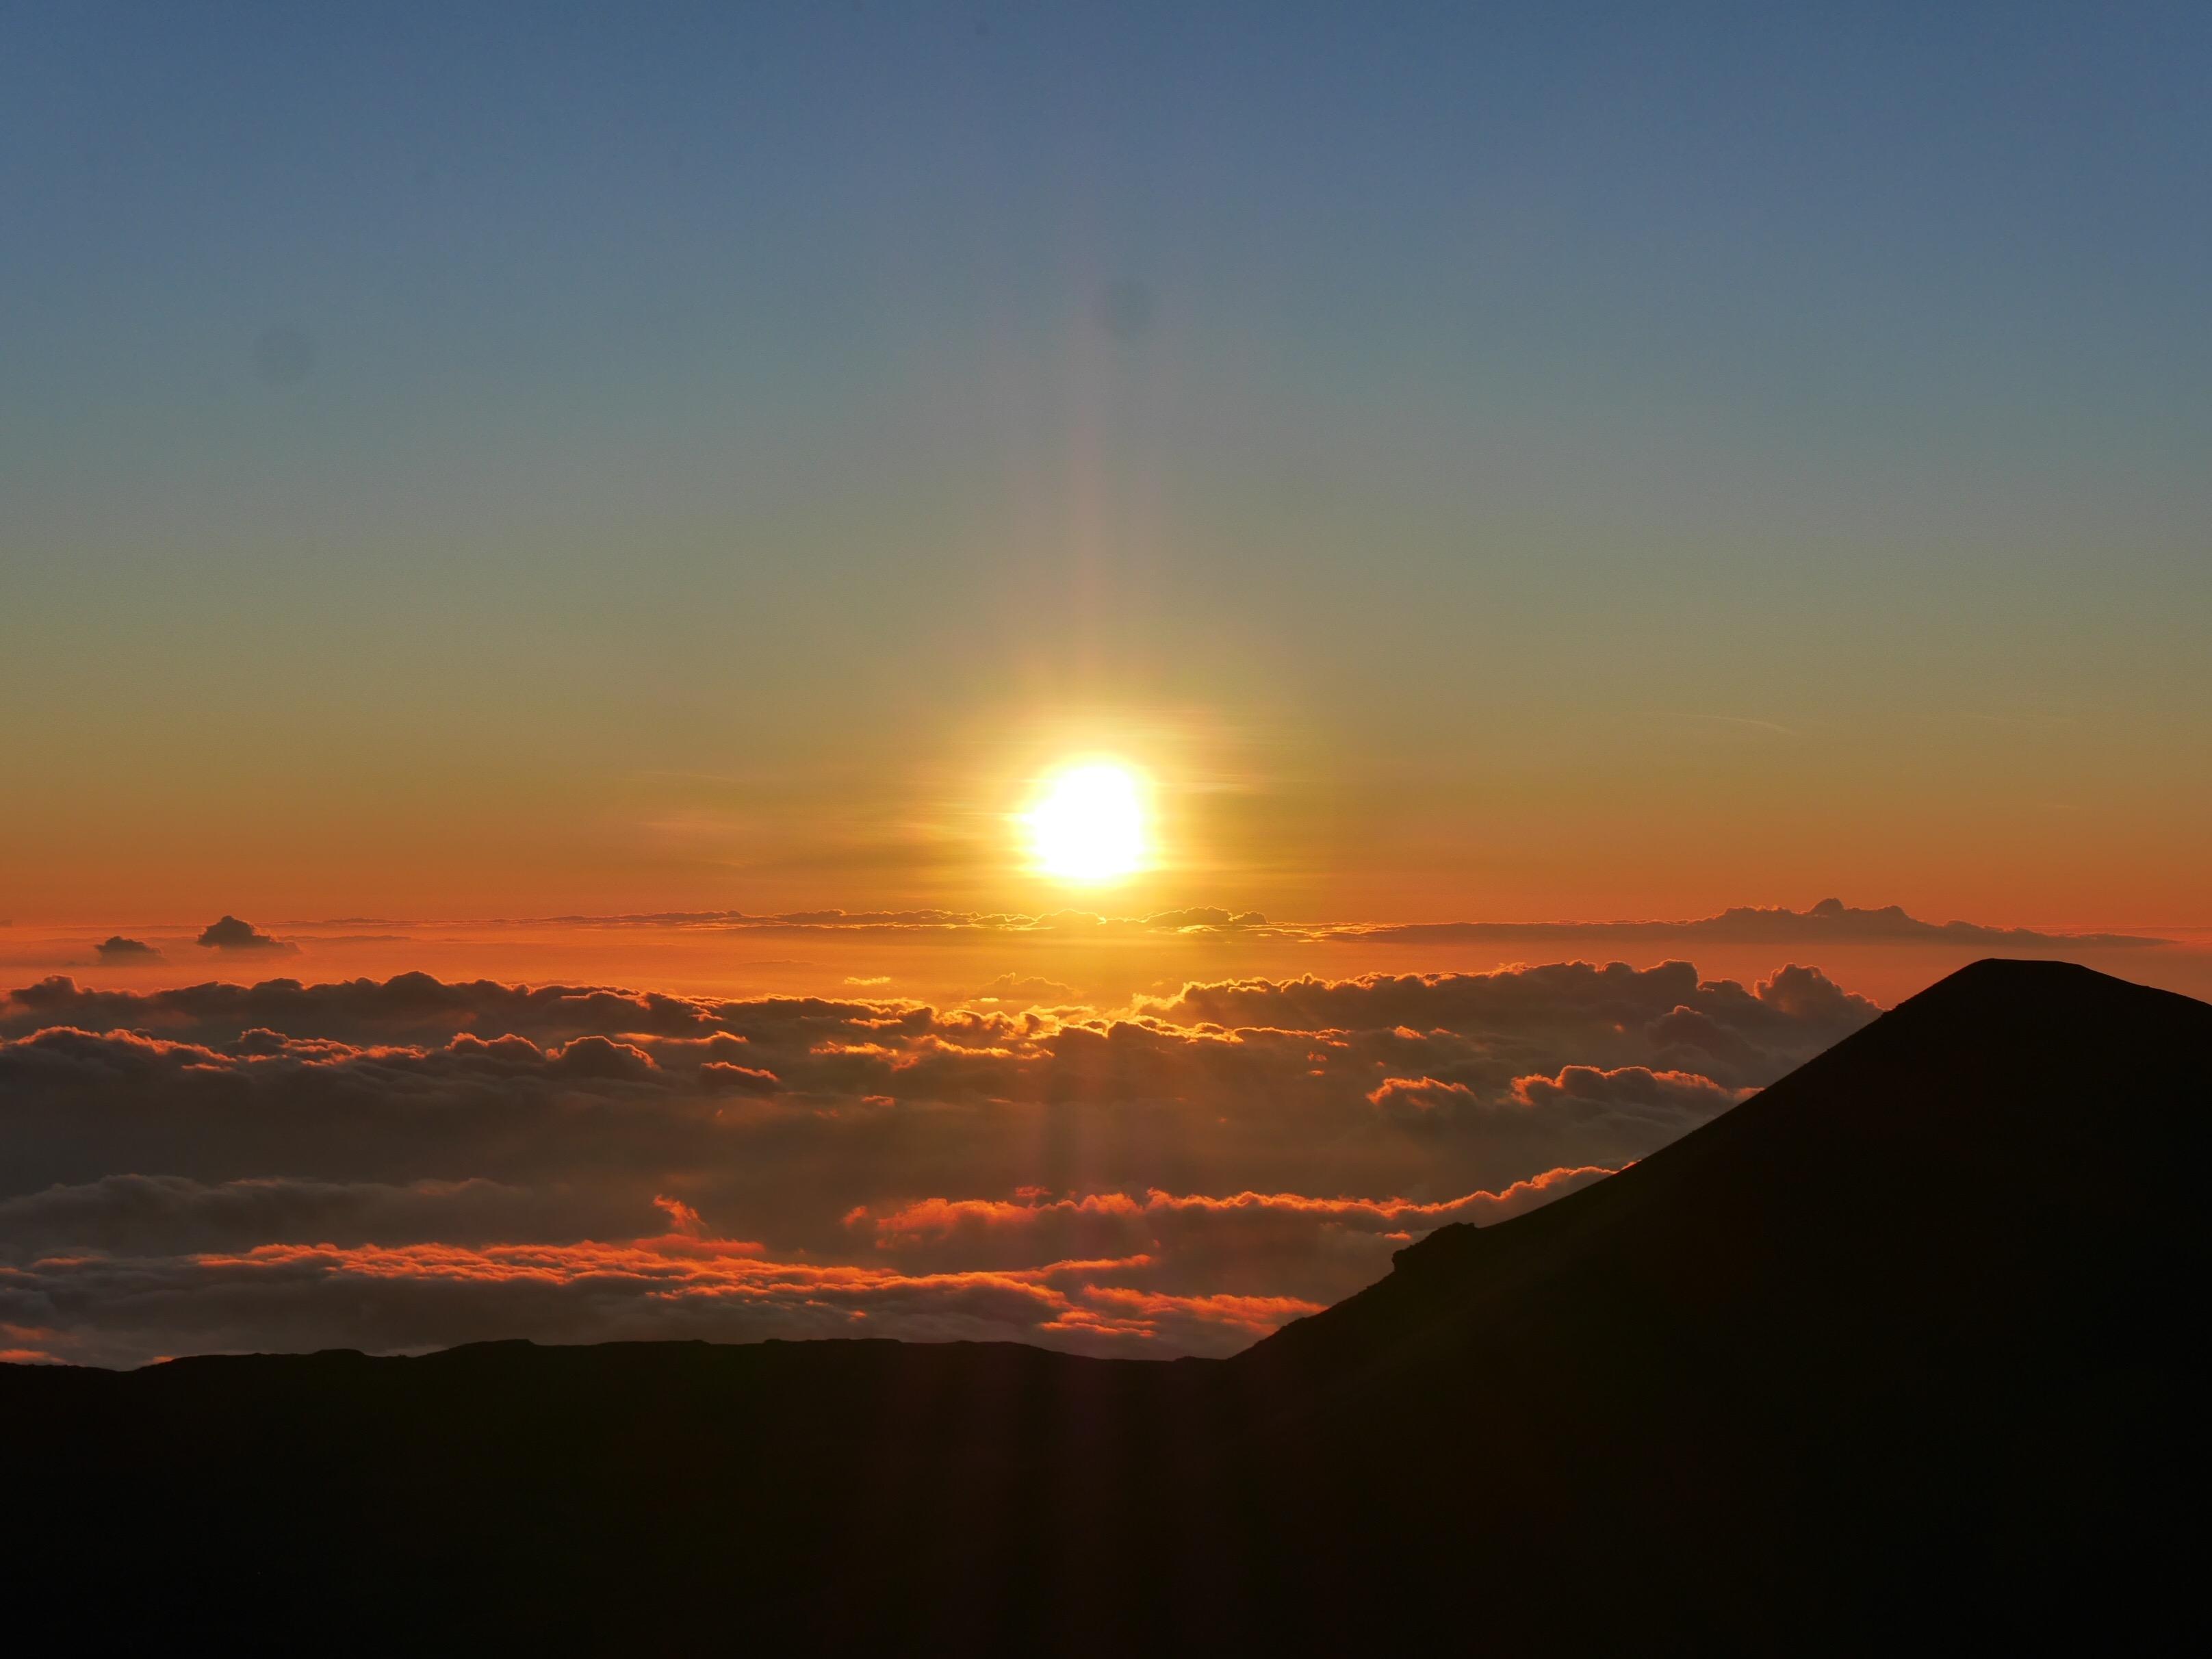 Sunset from the Mauna Kea summit